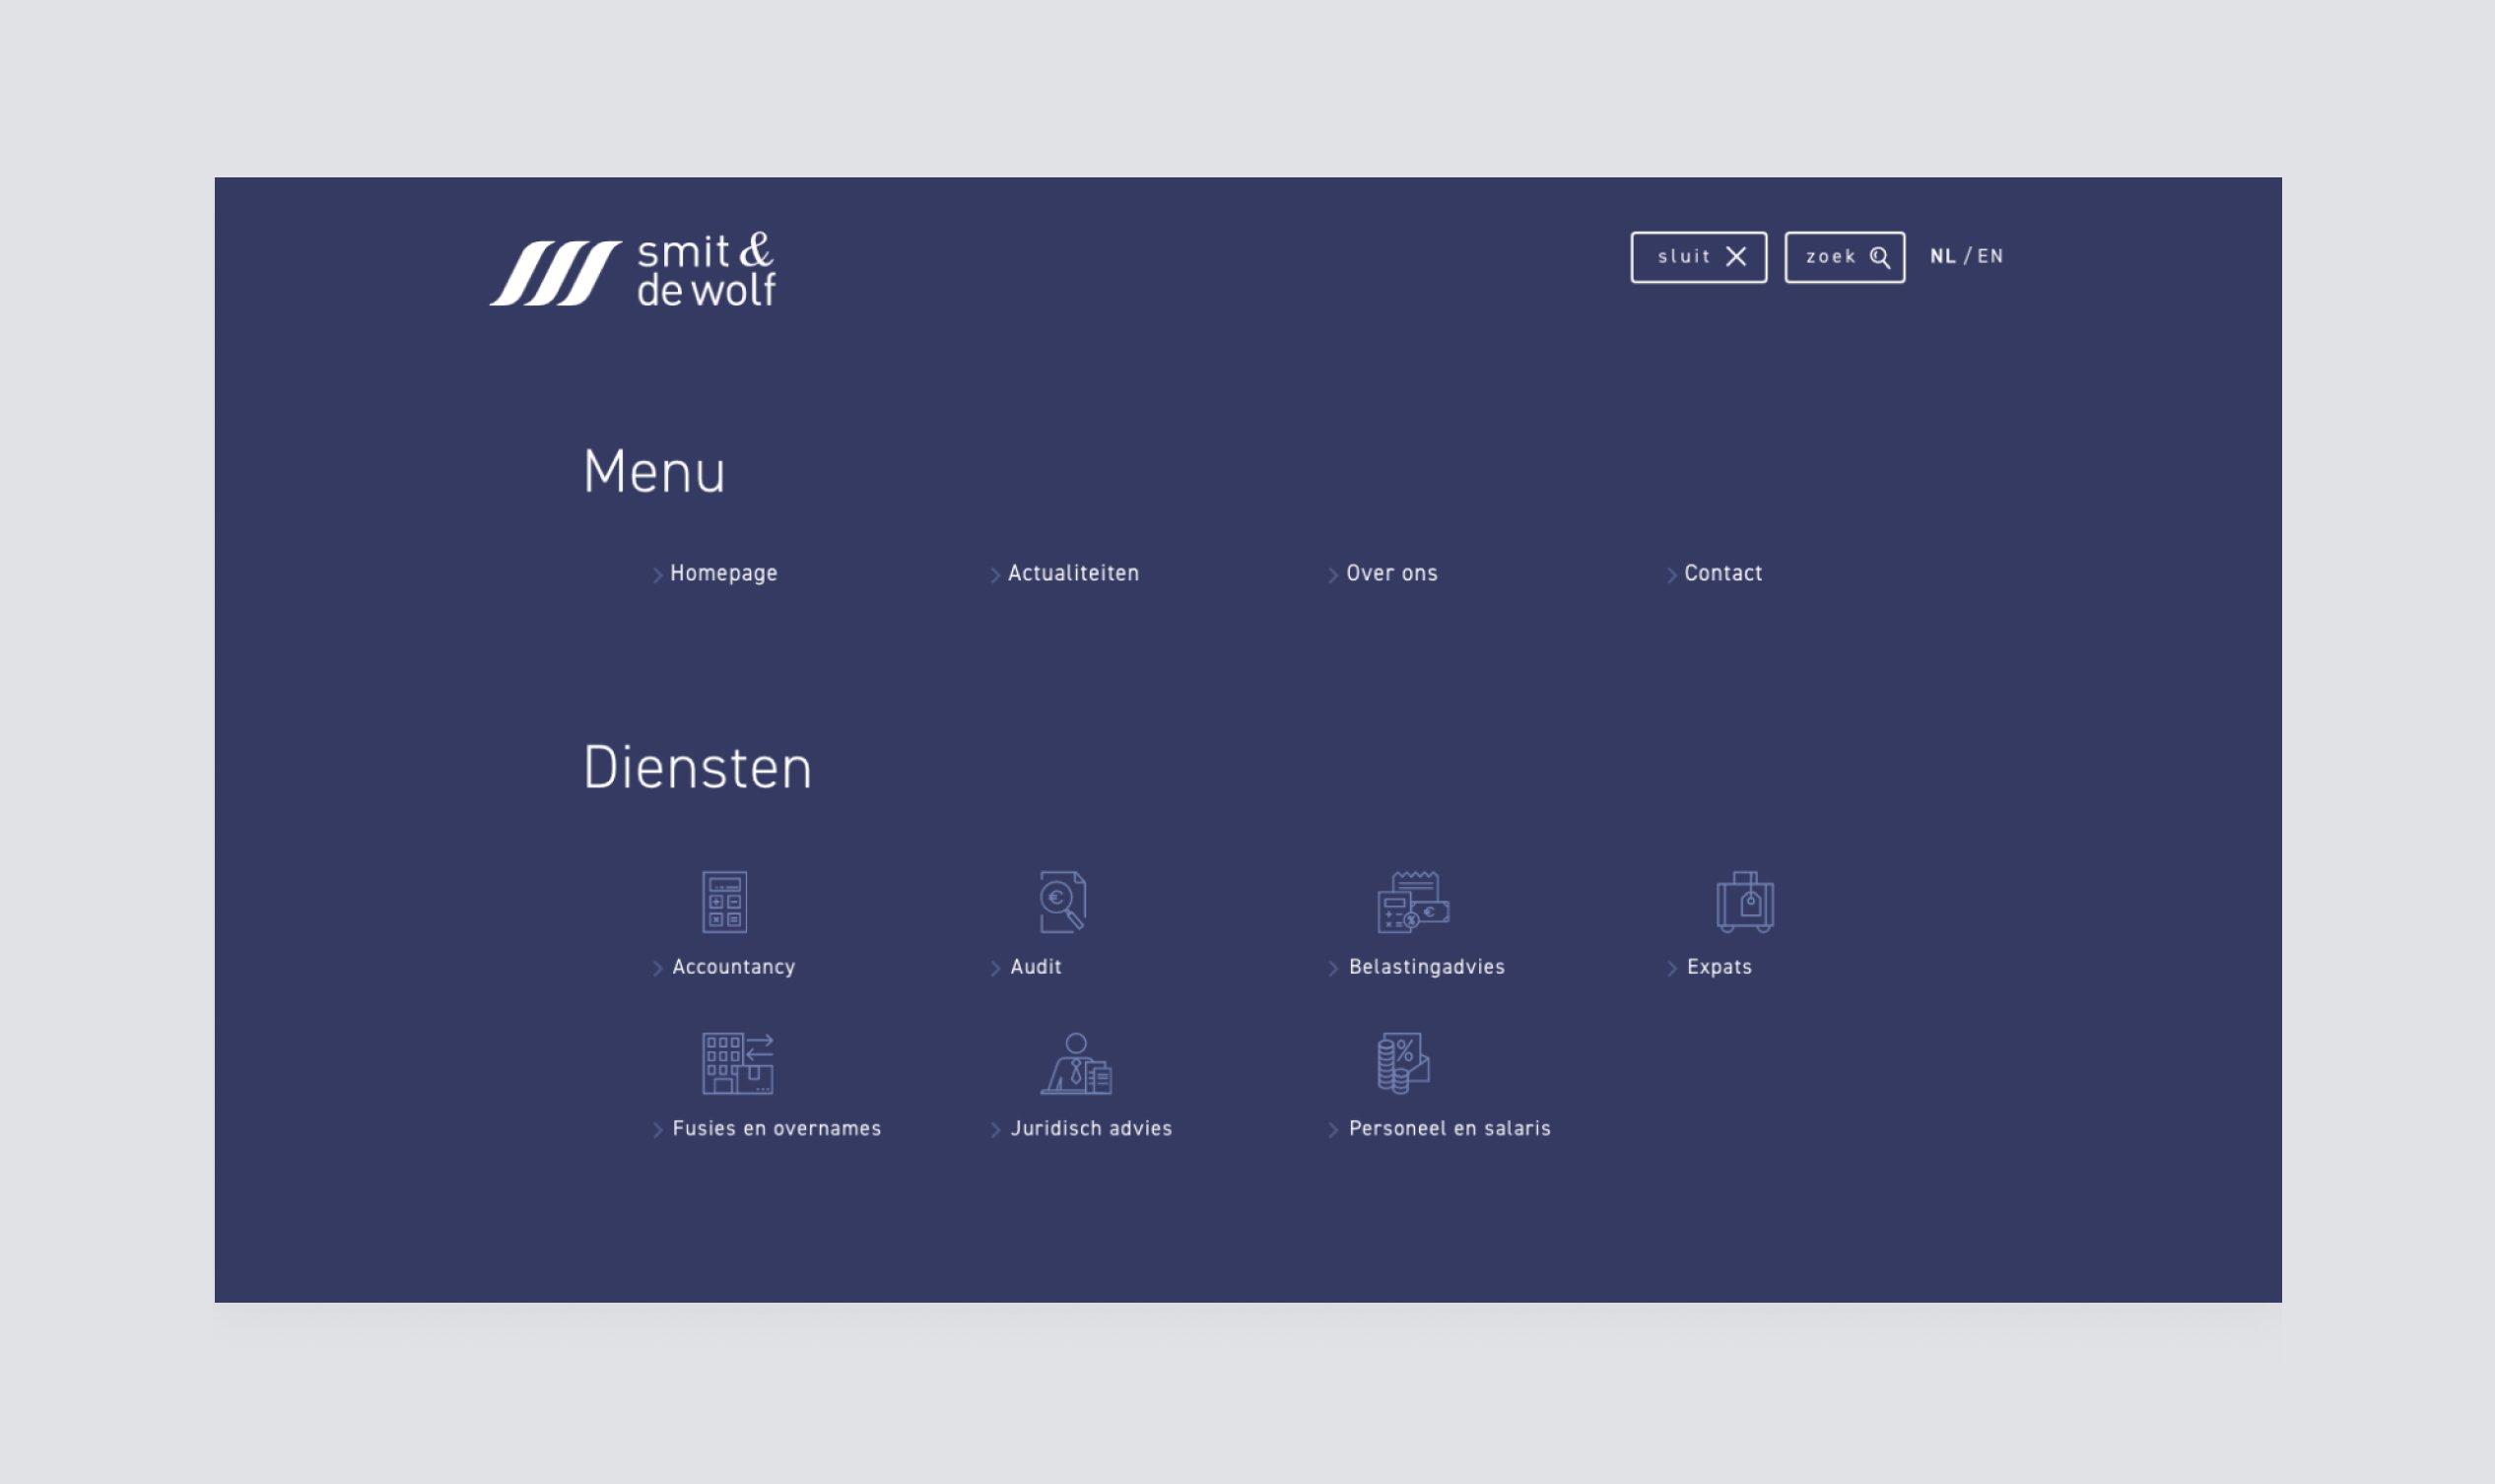 Image of the menu